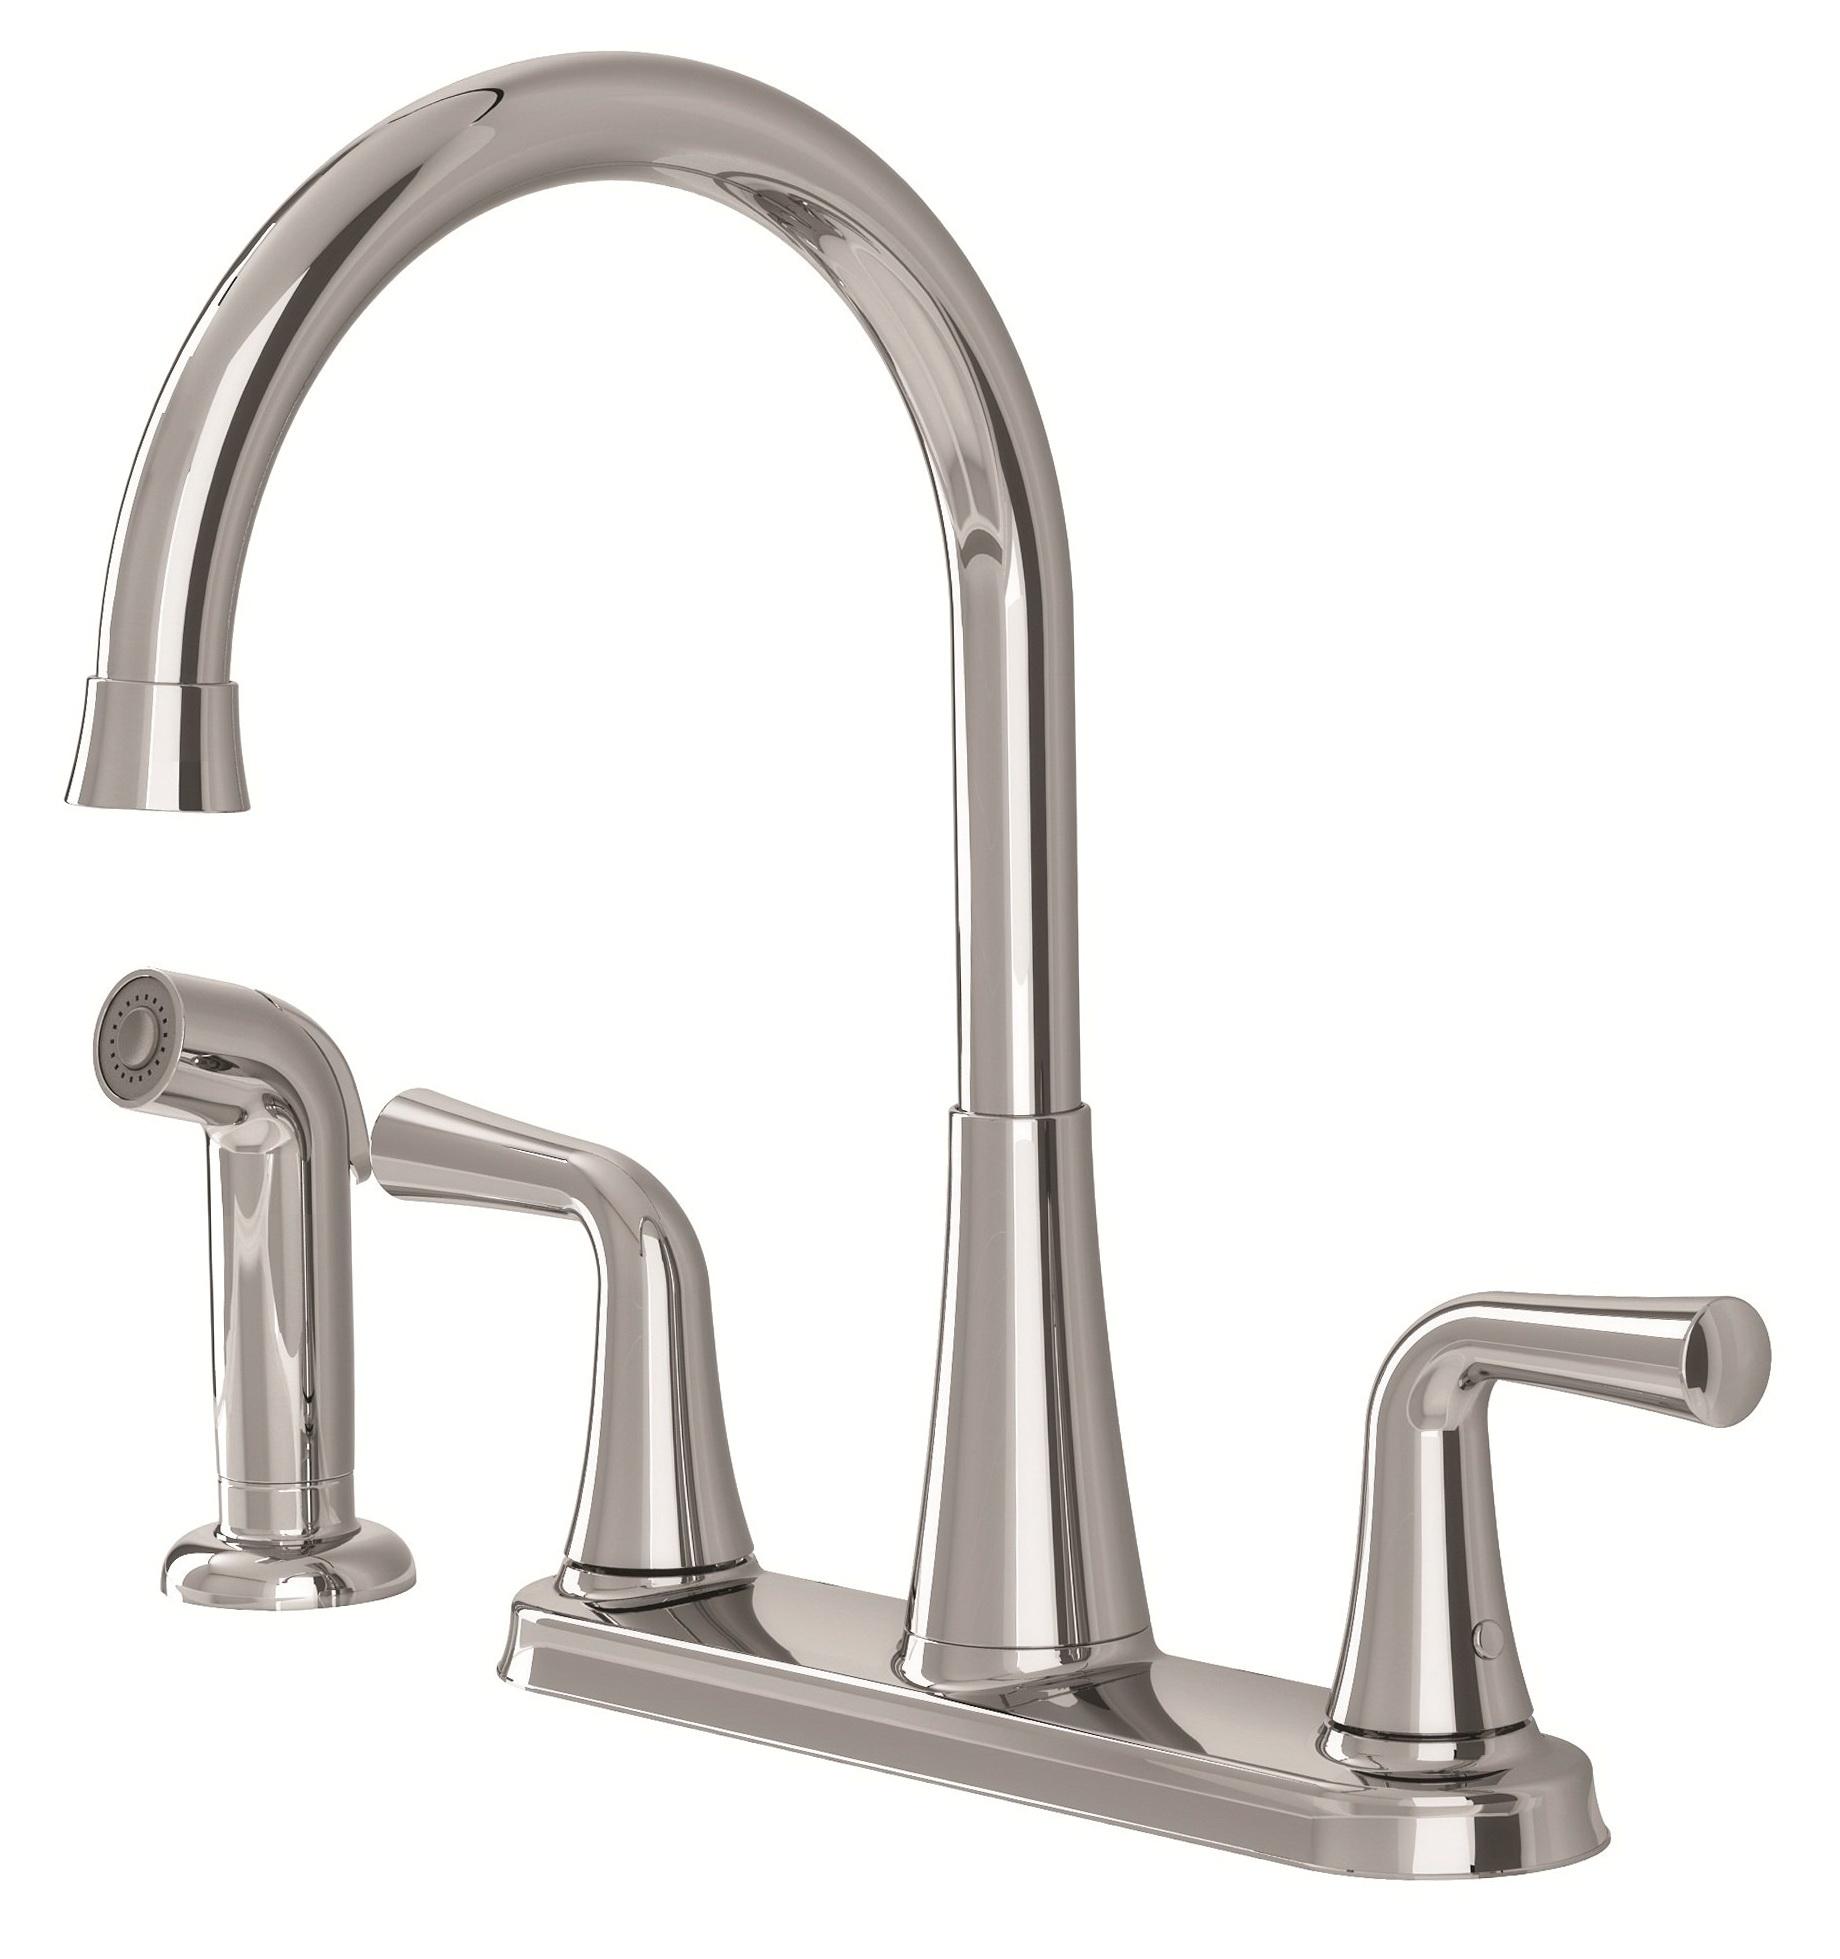 Moen Bathroom Faucet Repair